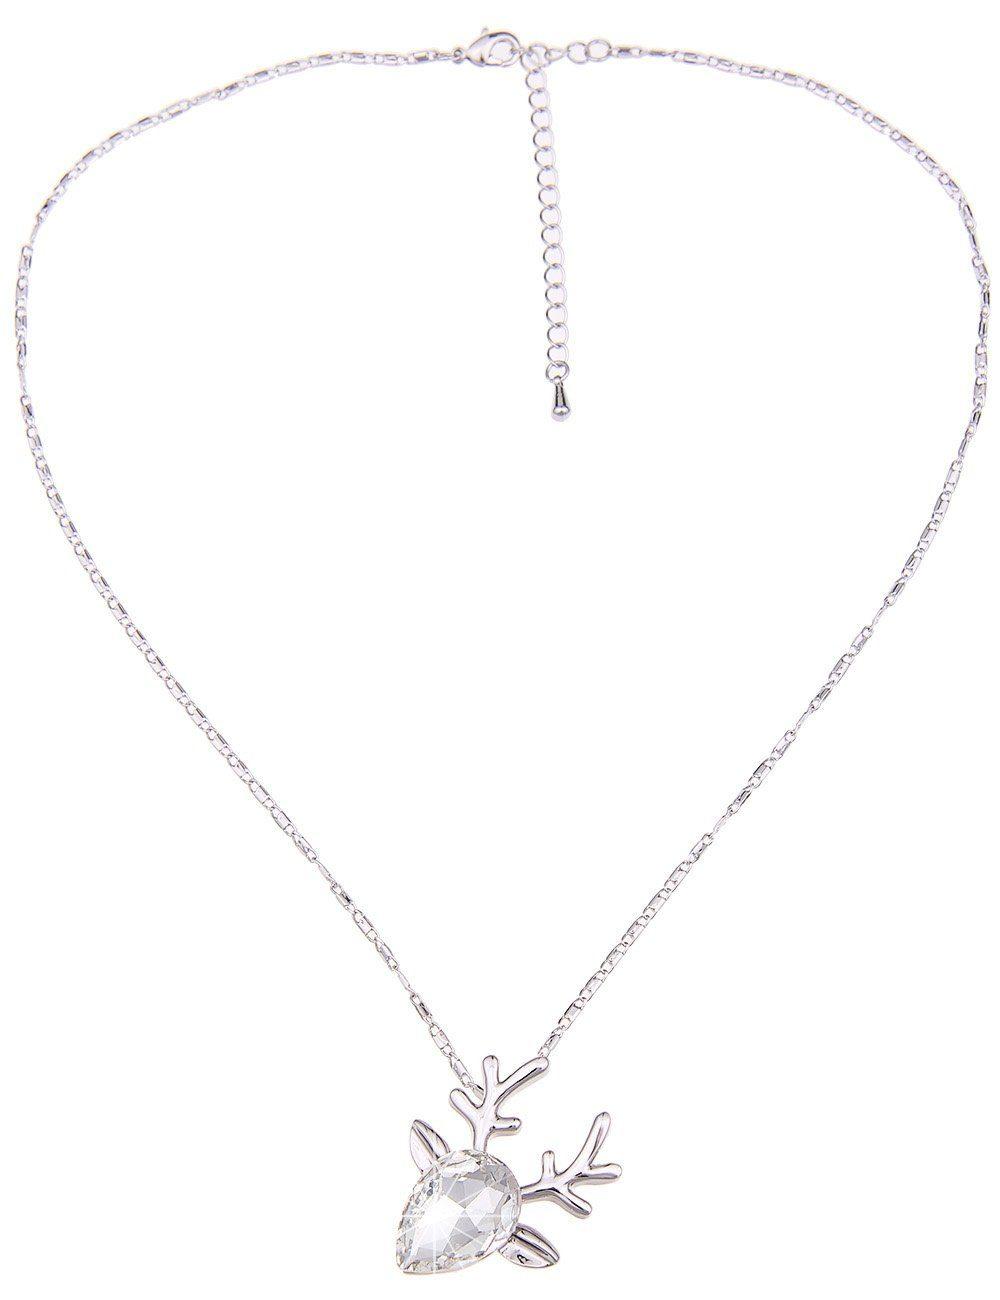 Leslii Halskette mit Rehkopf-Anhänger